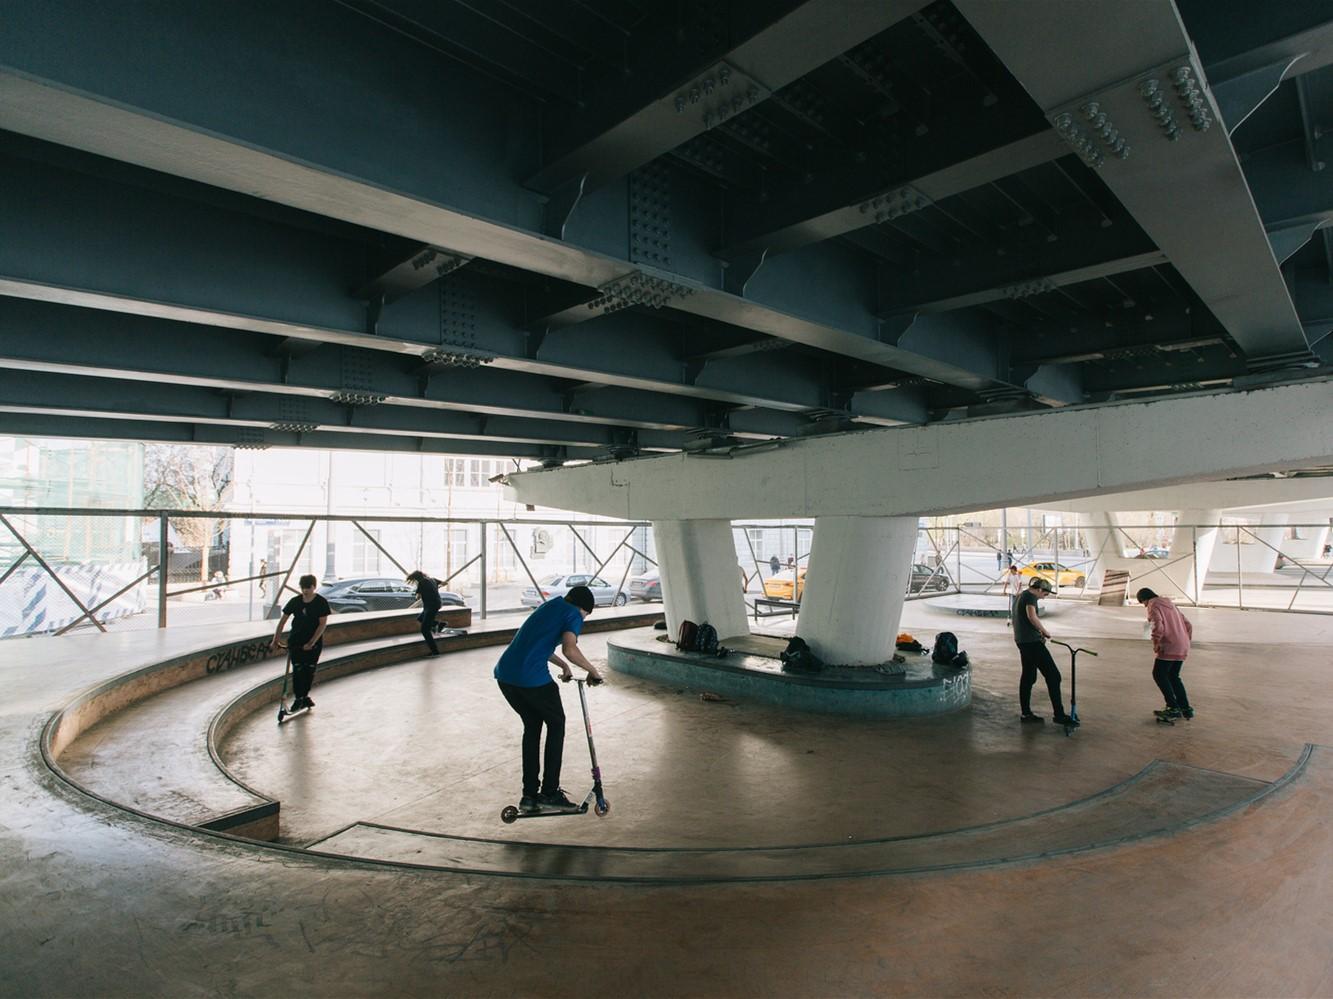 克雷姆斯基大桥的滑板公园